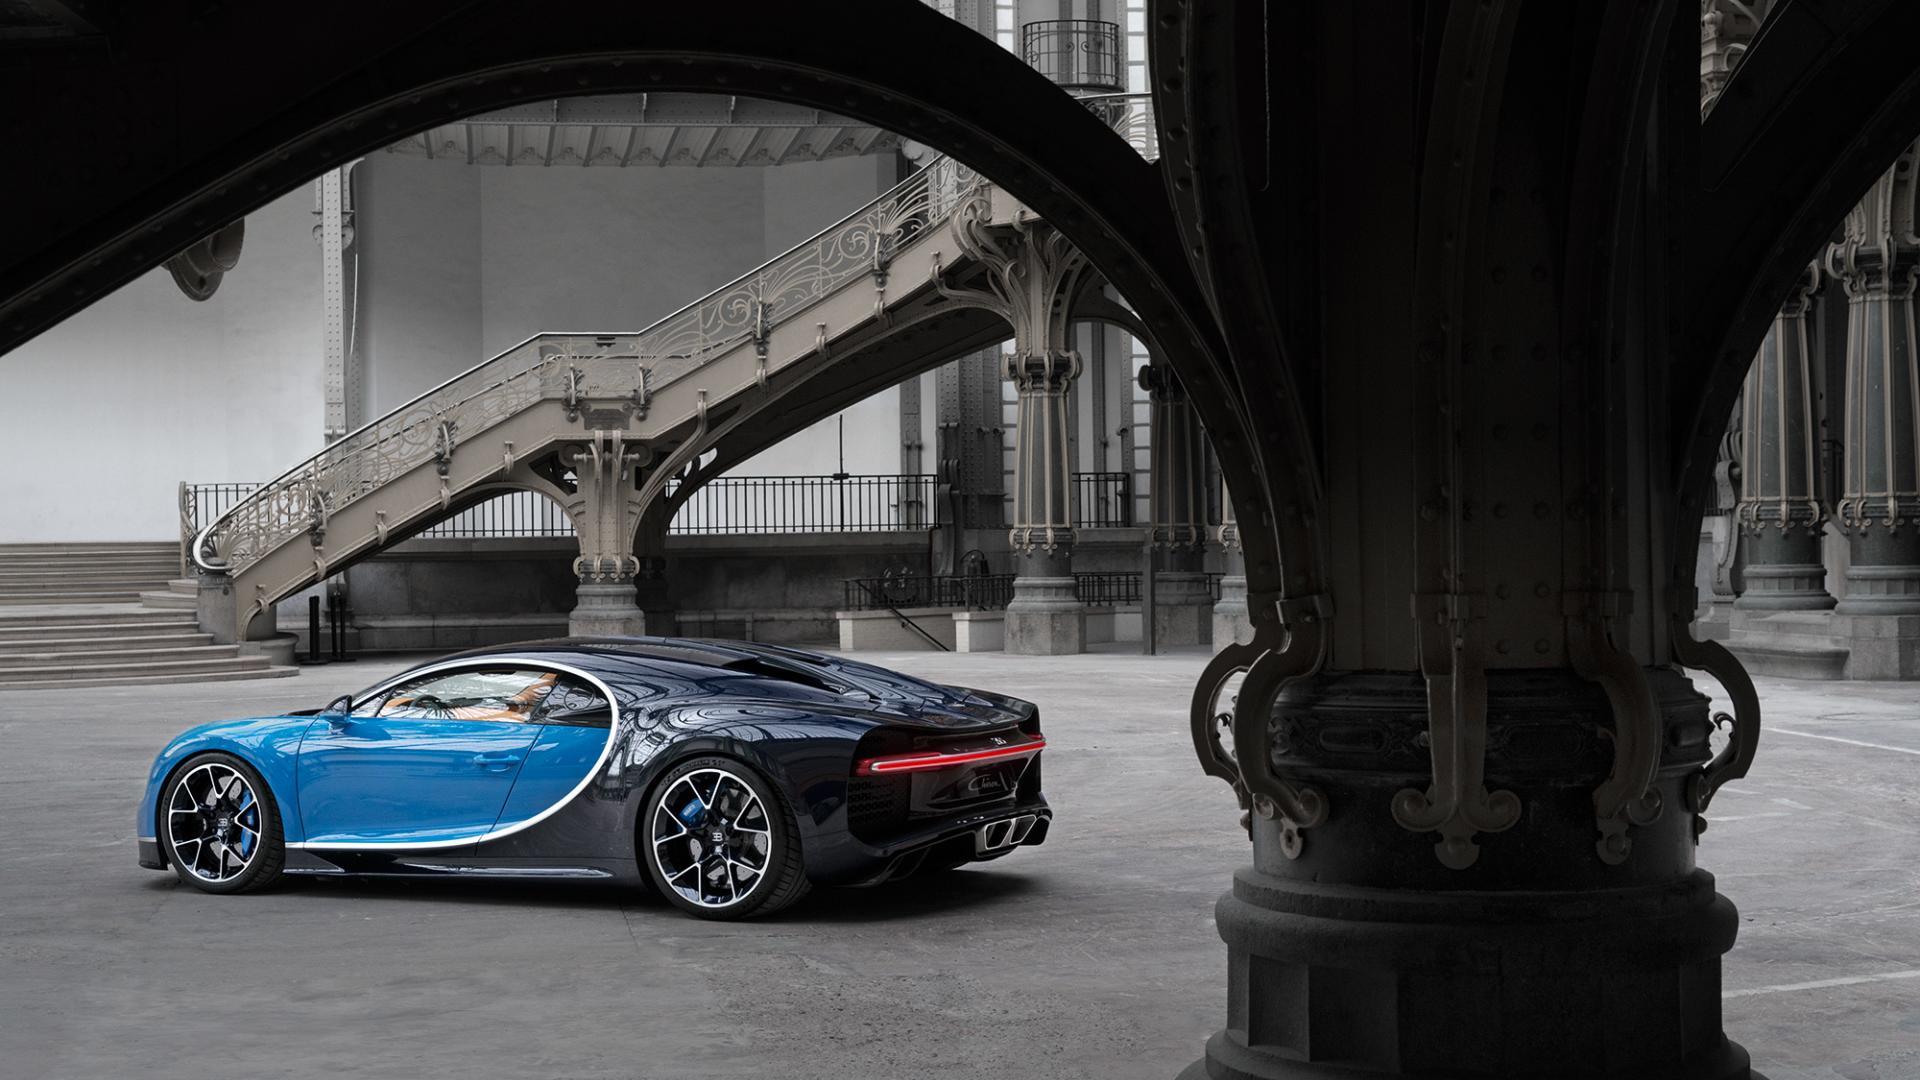 bugatti-chiron-wallpapers-64831-5689771.jpg